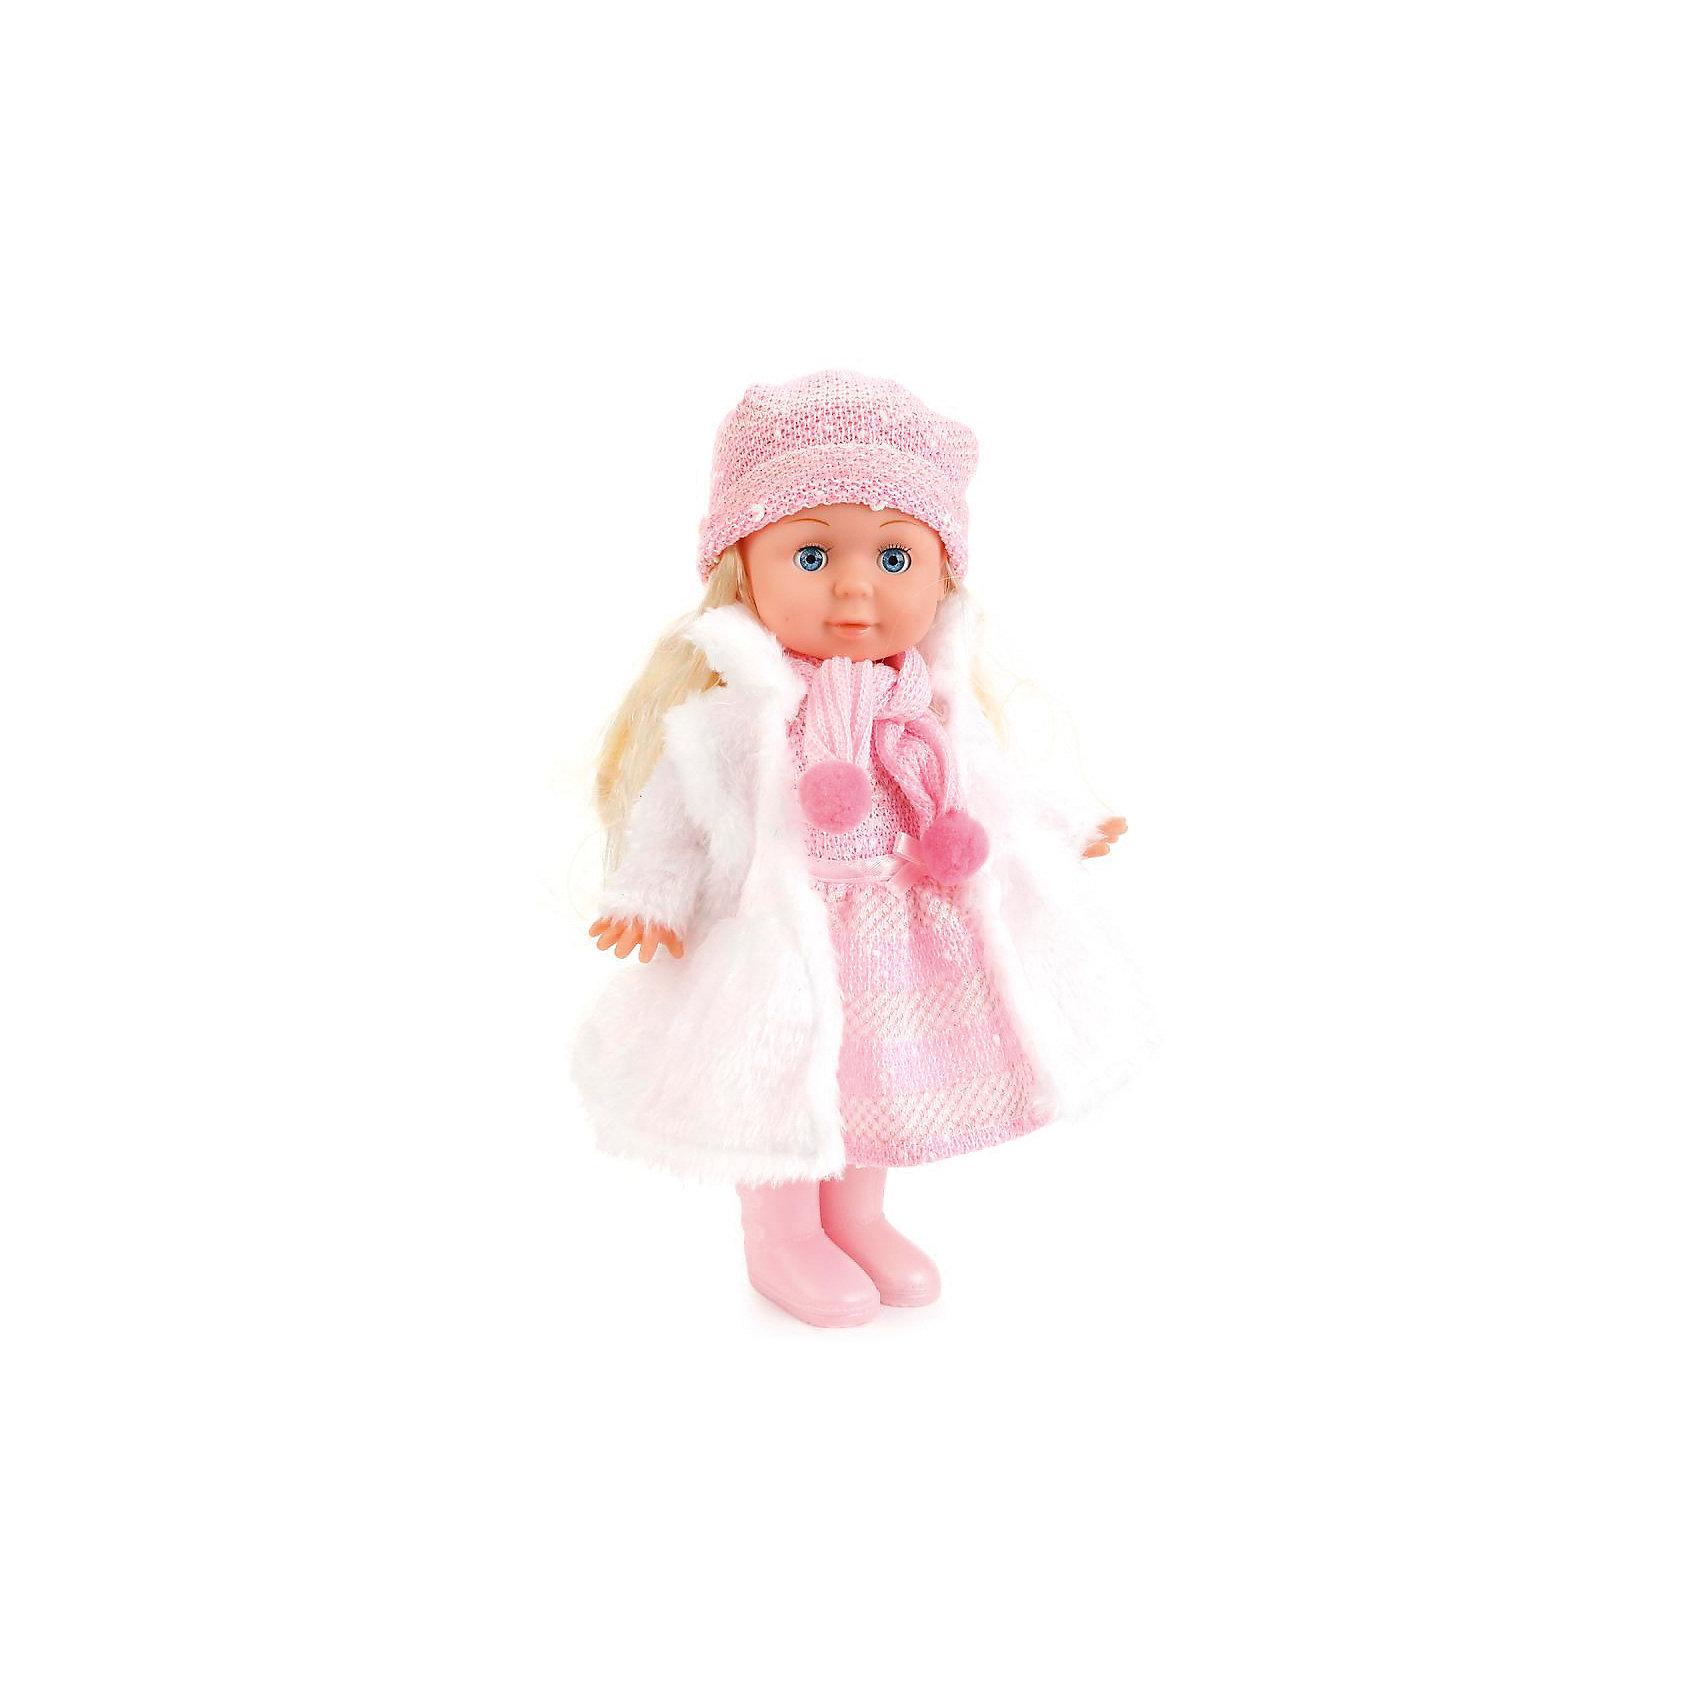 Кукла, 30 см, озвученная с набором одежды, КарапузИнтерактивные куклы<br><br><br>Ширина мм: 310<br>Глубина мм: 90<br>Высота мм: 260<br>Вес г: 540<br>Возраст от месяцев: 36<br>Возраст до месяцев: 60<br>Пол: Унисекс<br>Возраст: Детский<br>SKU: 6848825